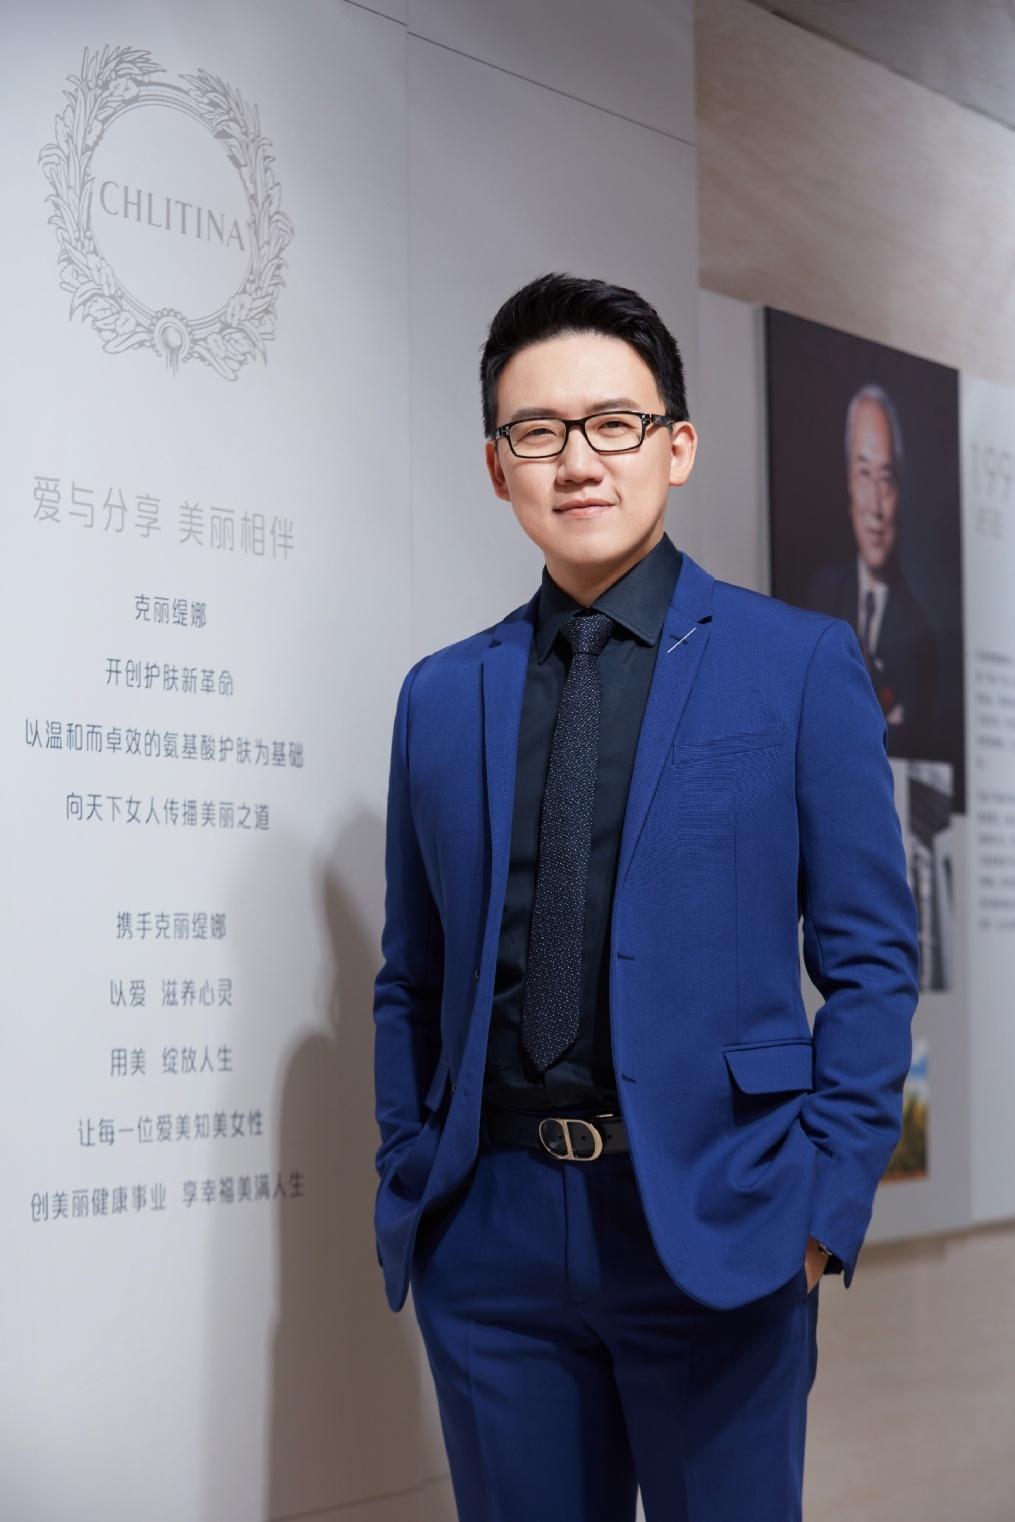 """克丽缇娜集团新任执行长赵承佑:期许打造完整的""""数字化美业产业链""""领军国际"""